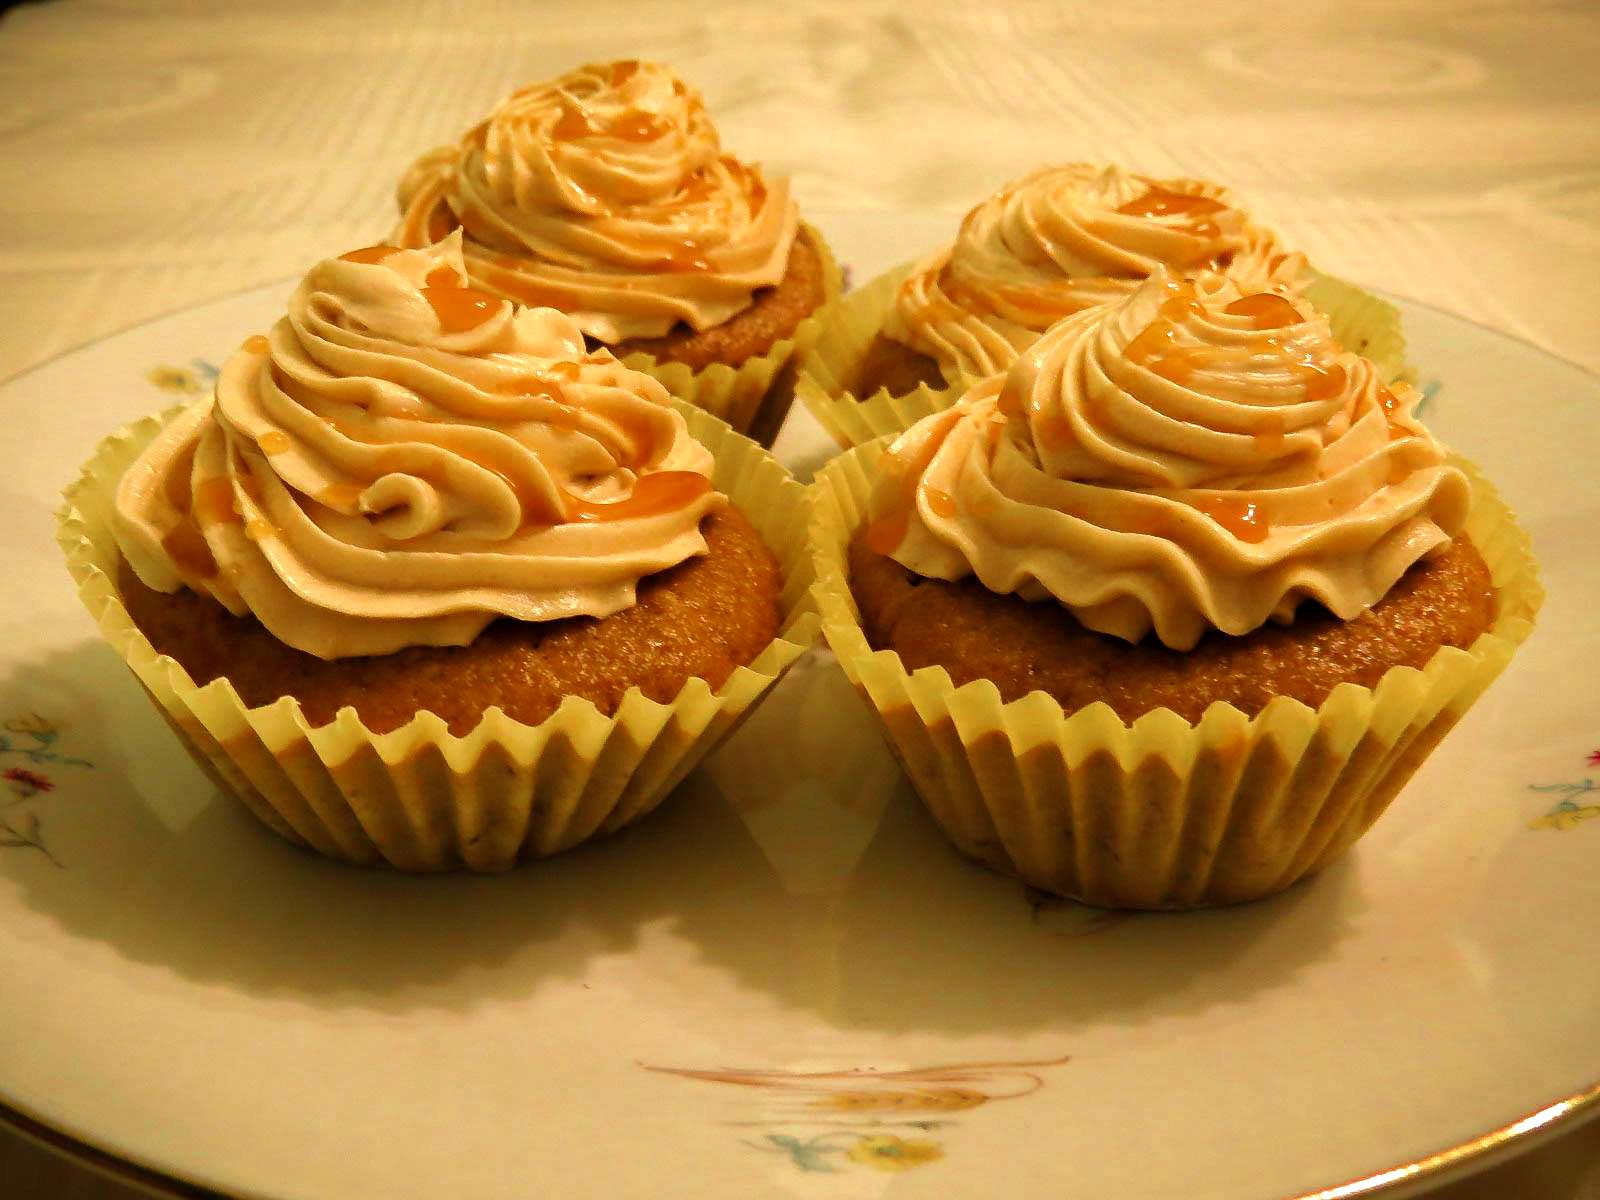 Muffins de calabaza con glaseado de caramelo